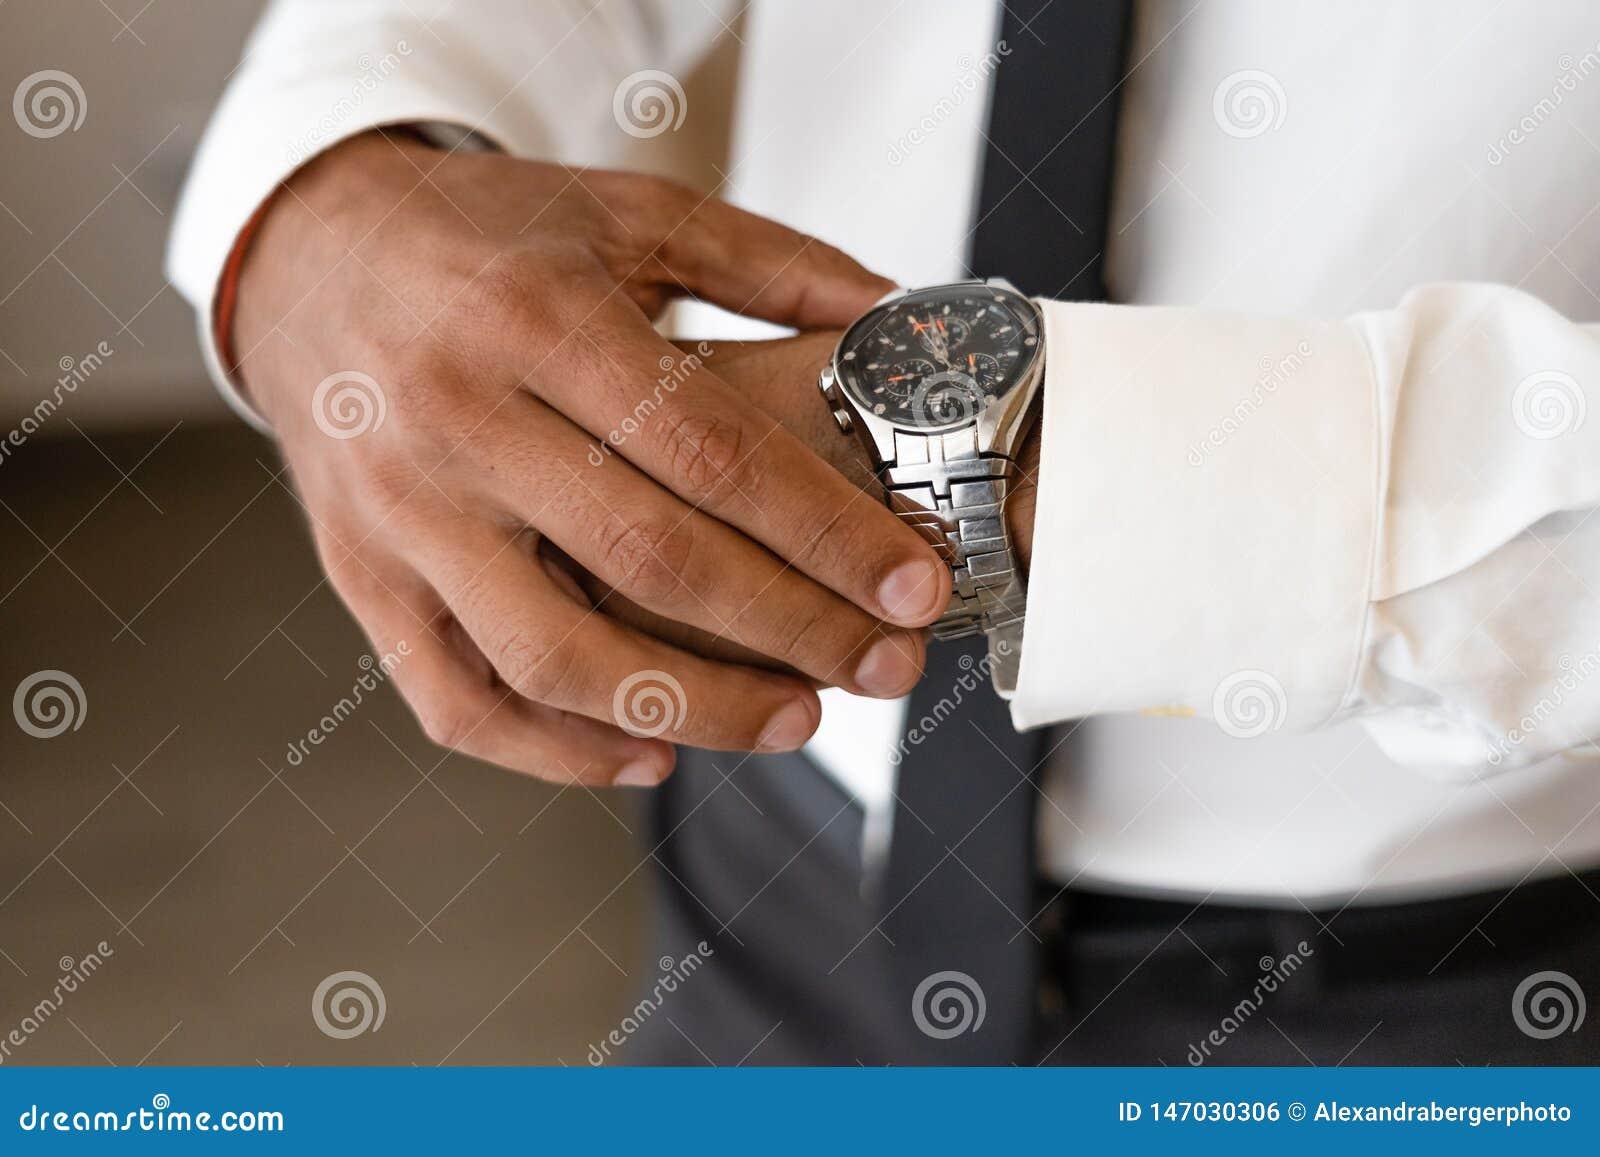 De succesvolle mens met witte overhemd en stropdas kijkt op horloge